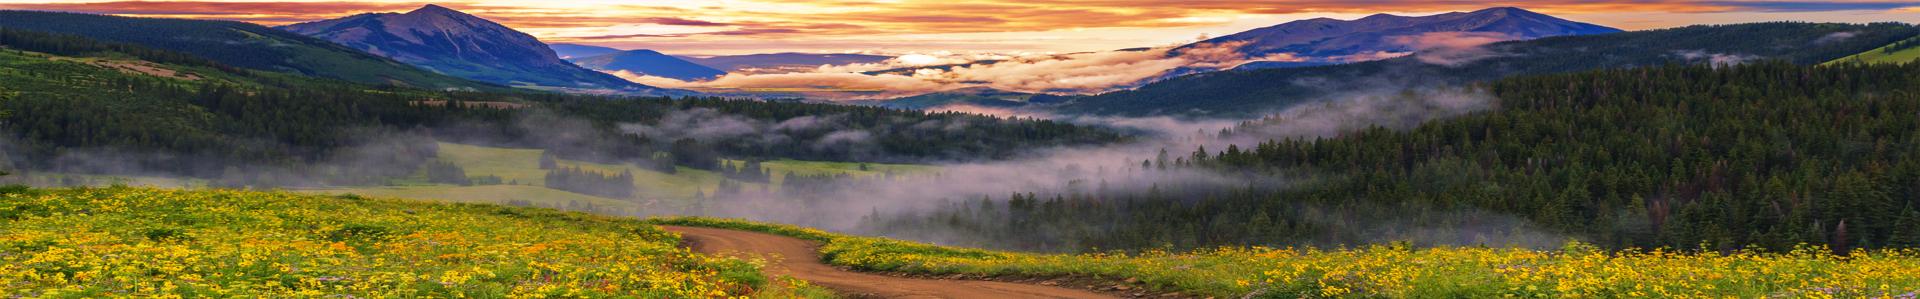 Misty mountain scene at sunset